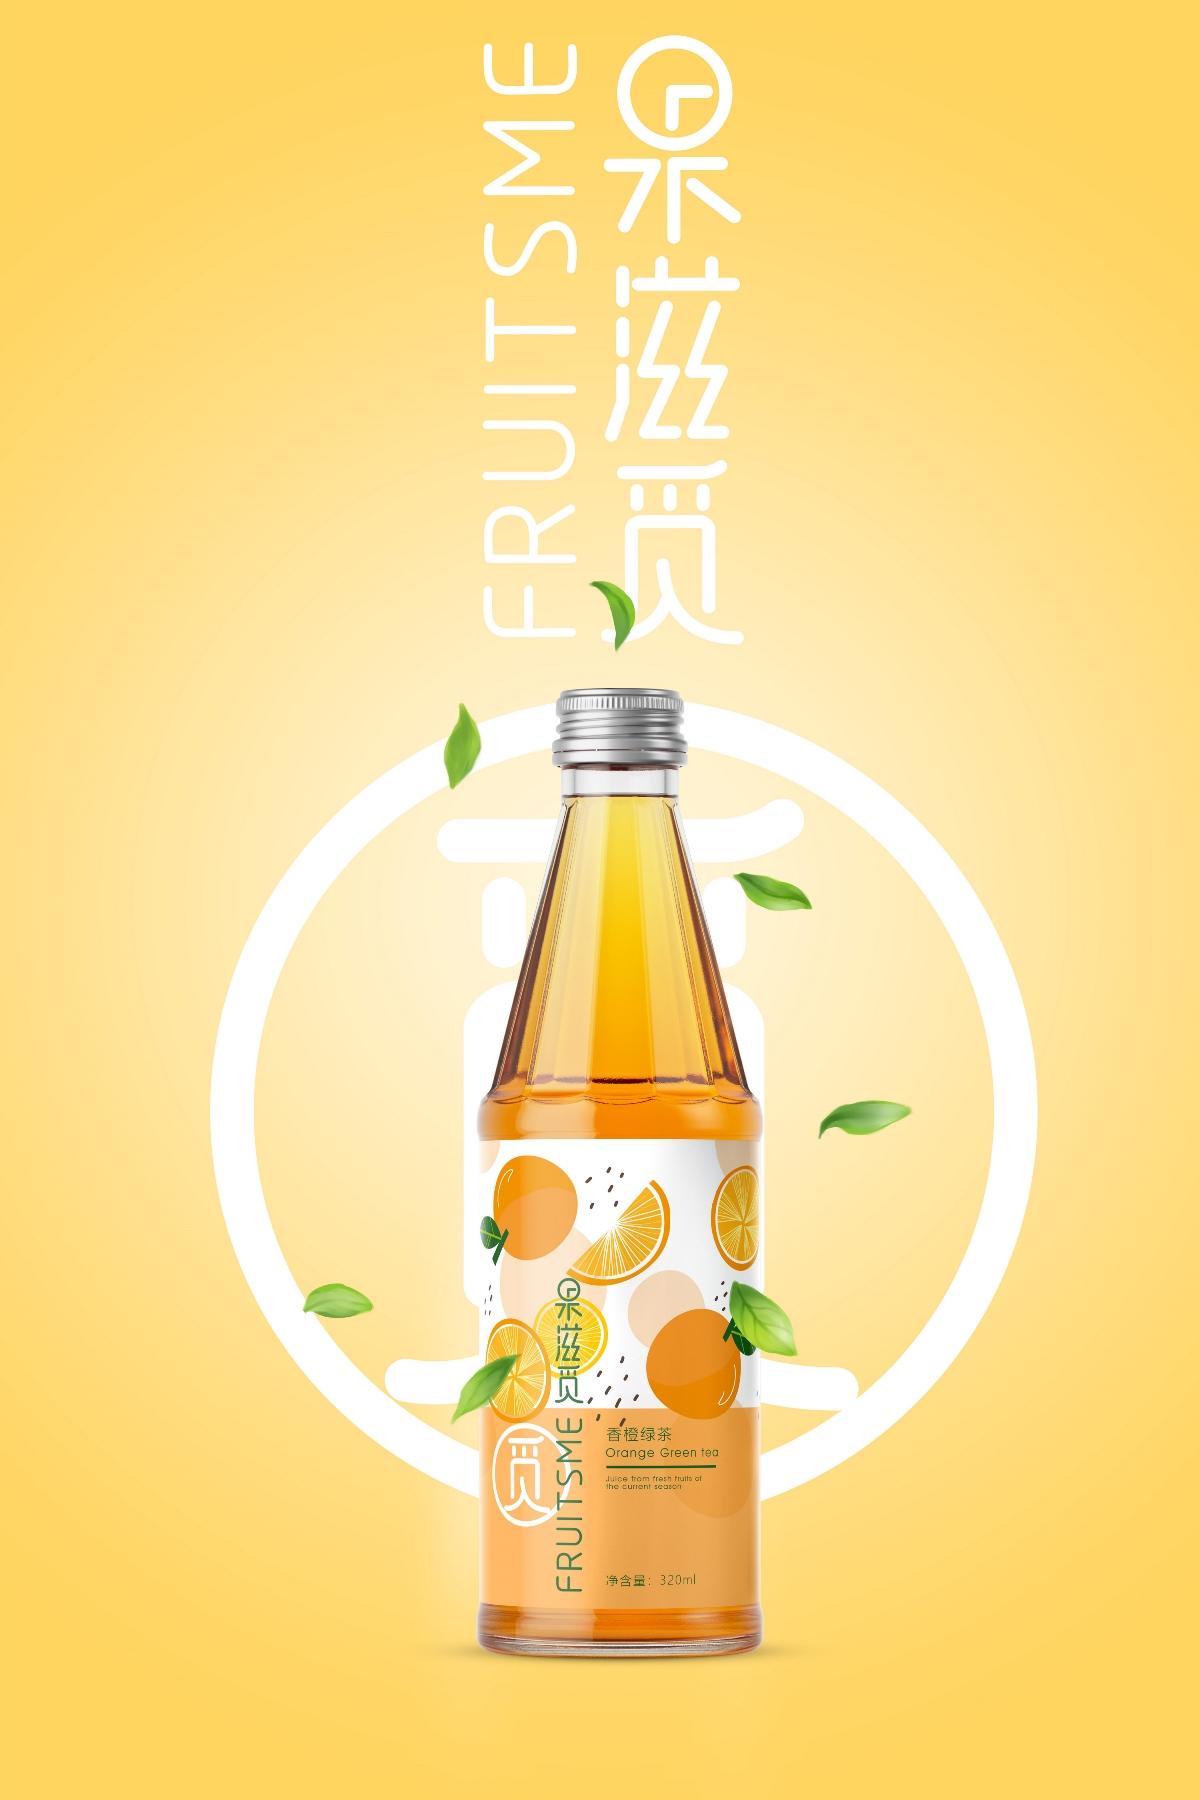 饮料包装设计 柠檬绿茶 香橙绿茶